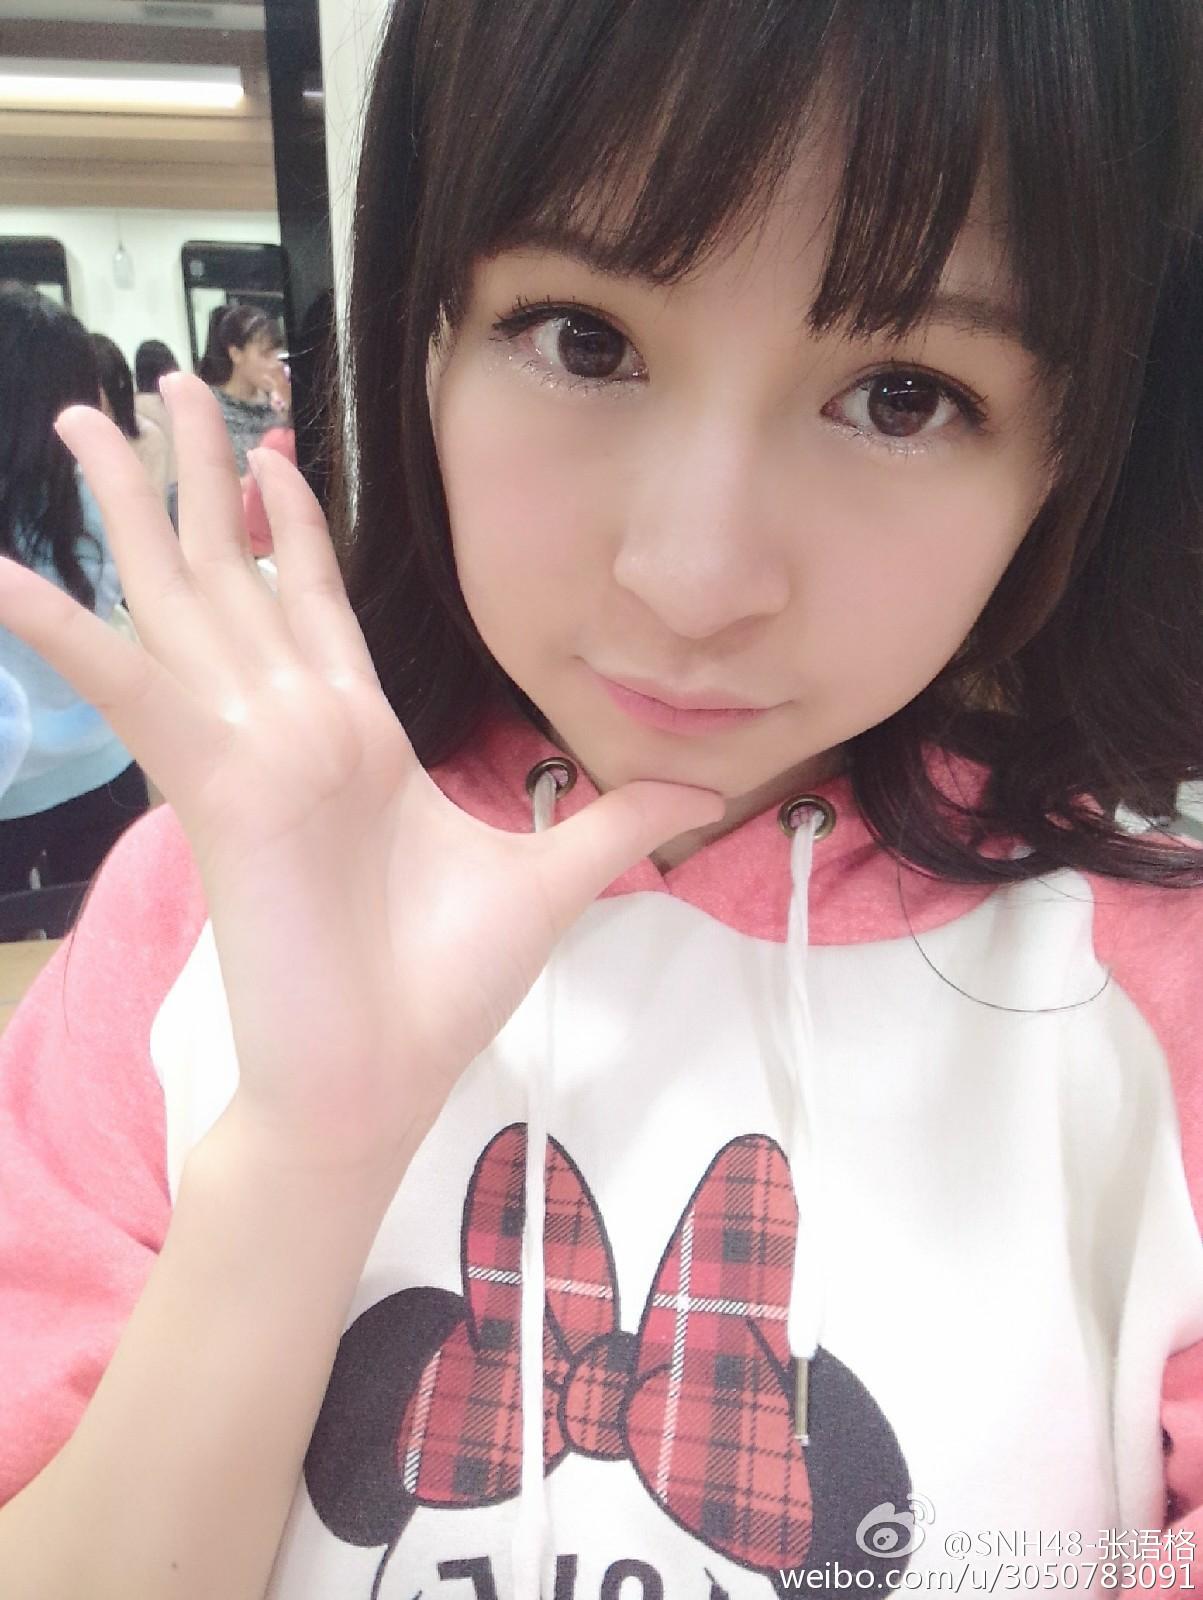 【SNH48】たこちゃん(張語格)応援会のブログがスタートしました!